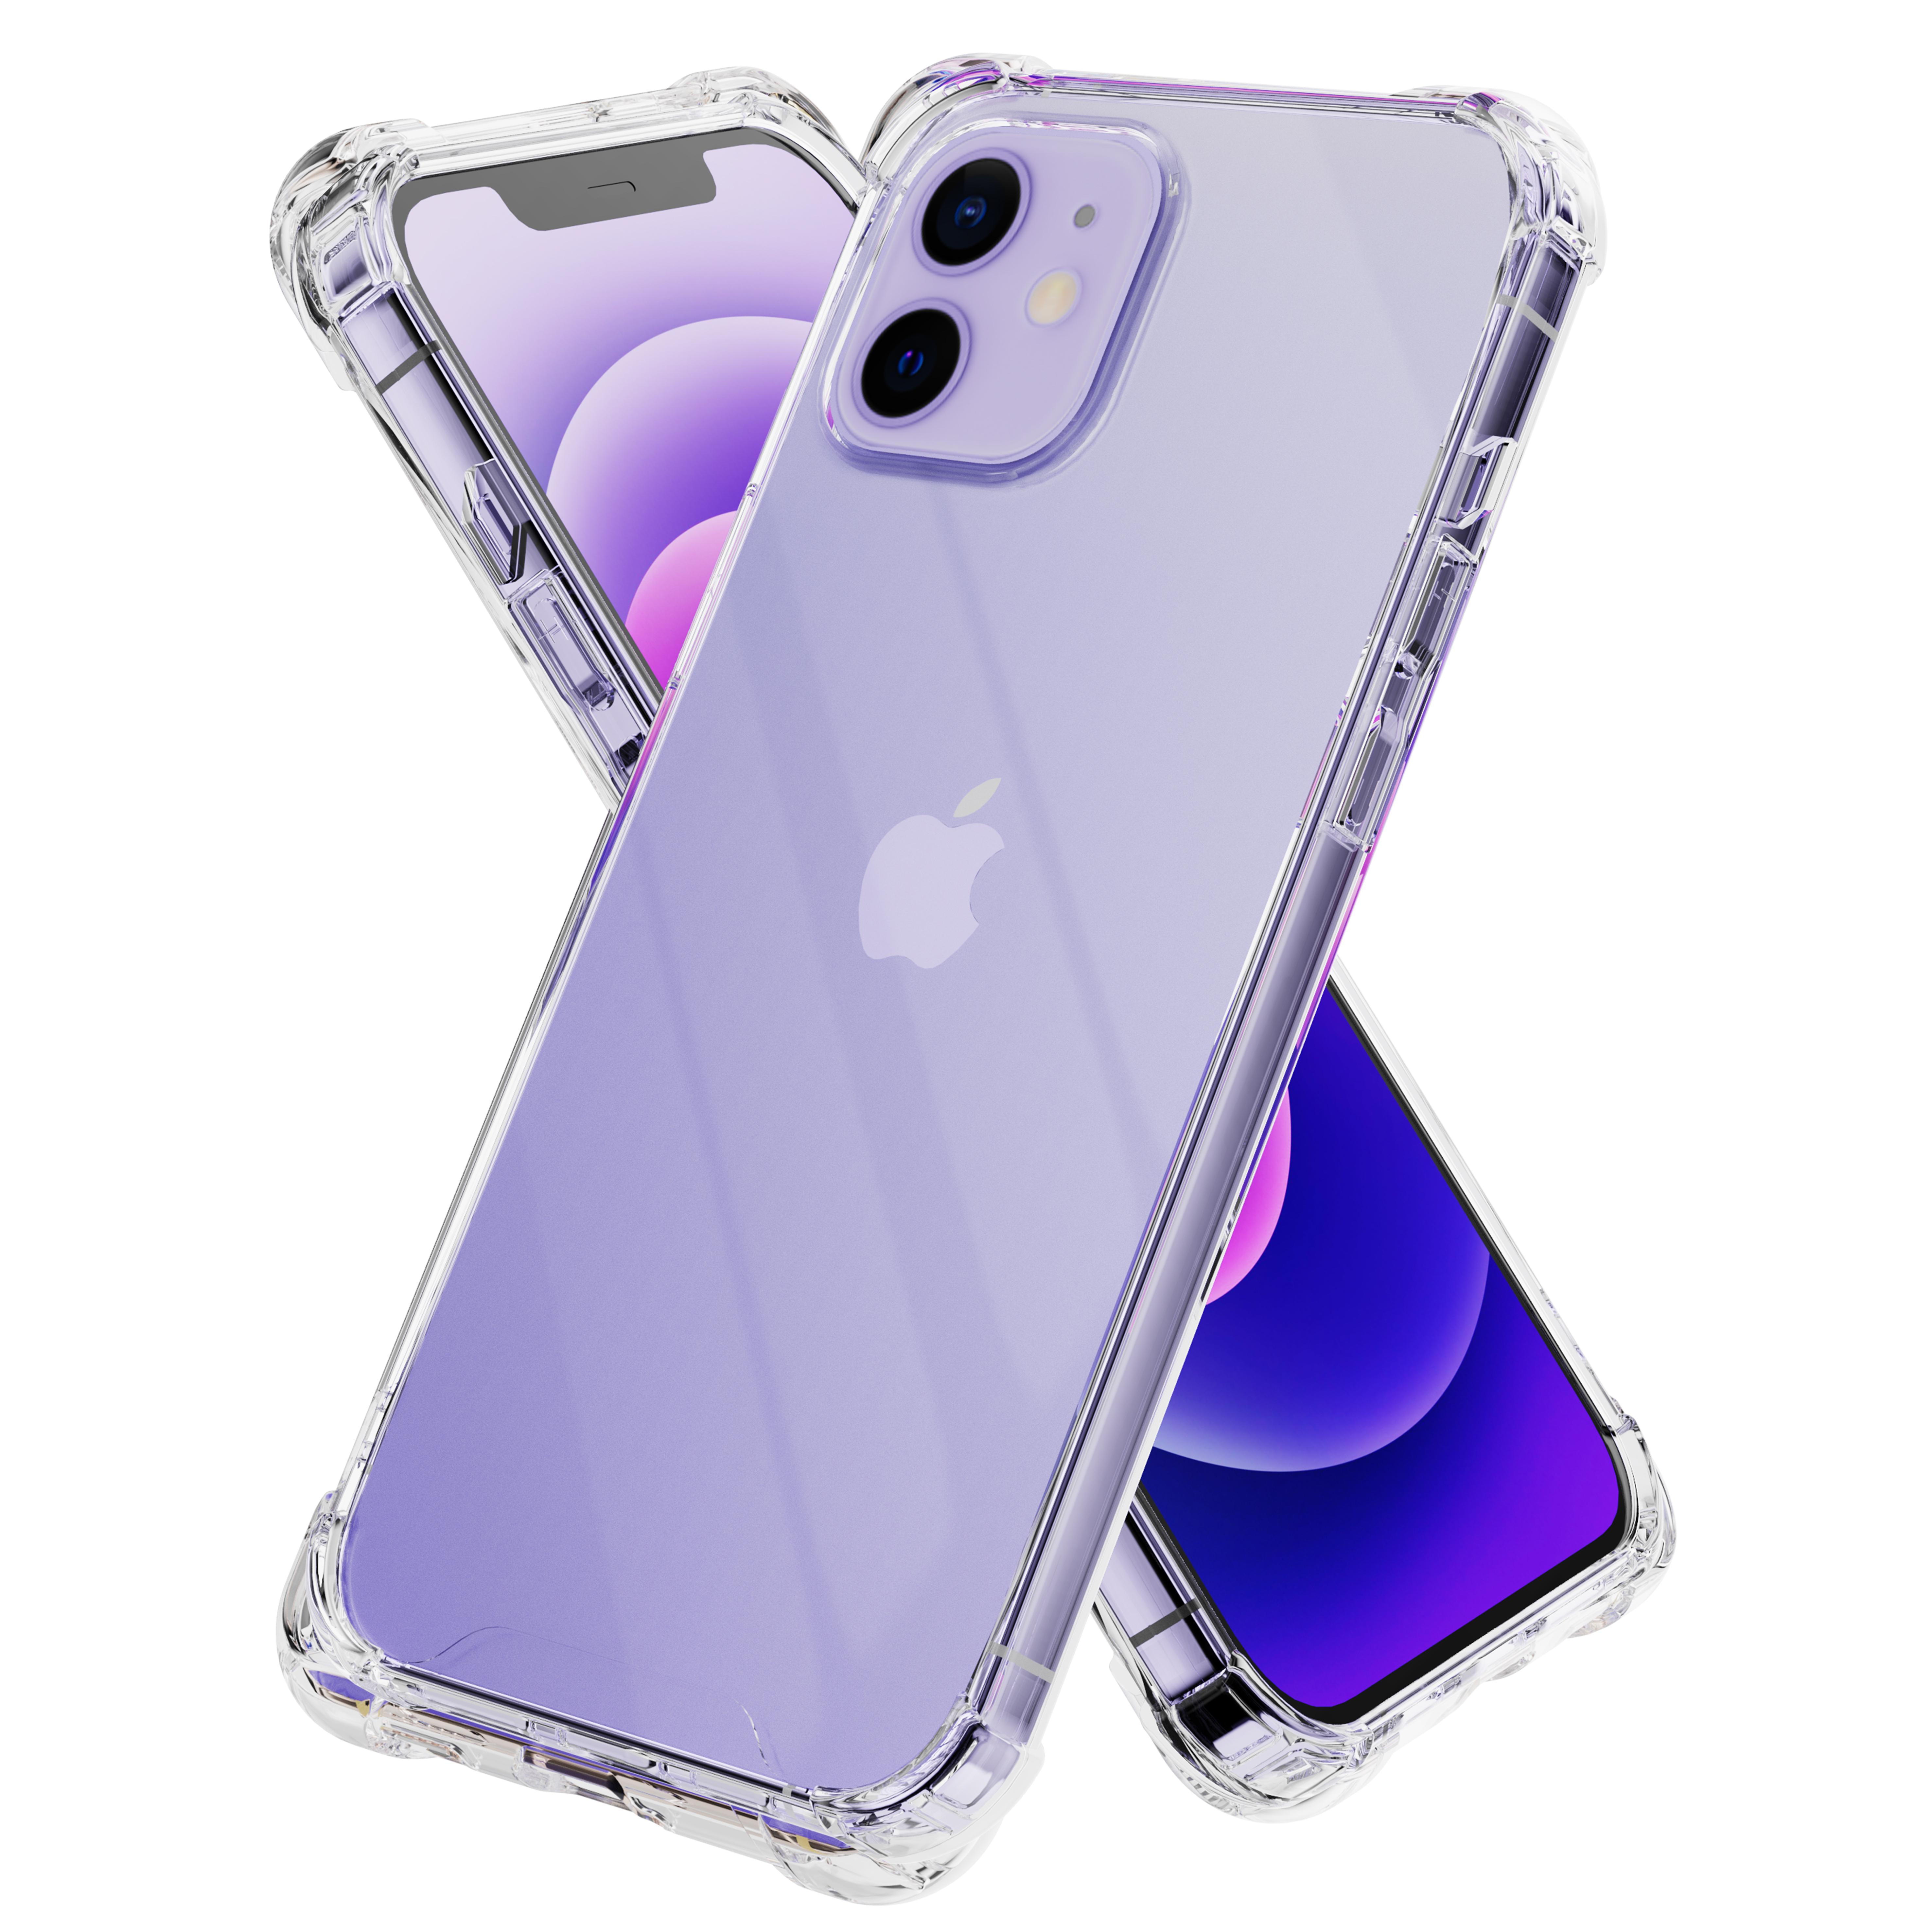 누아트 에어크리스탈 방탄 젤리 휴대폰 케이스-3-1490999018